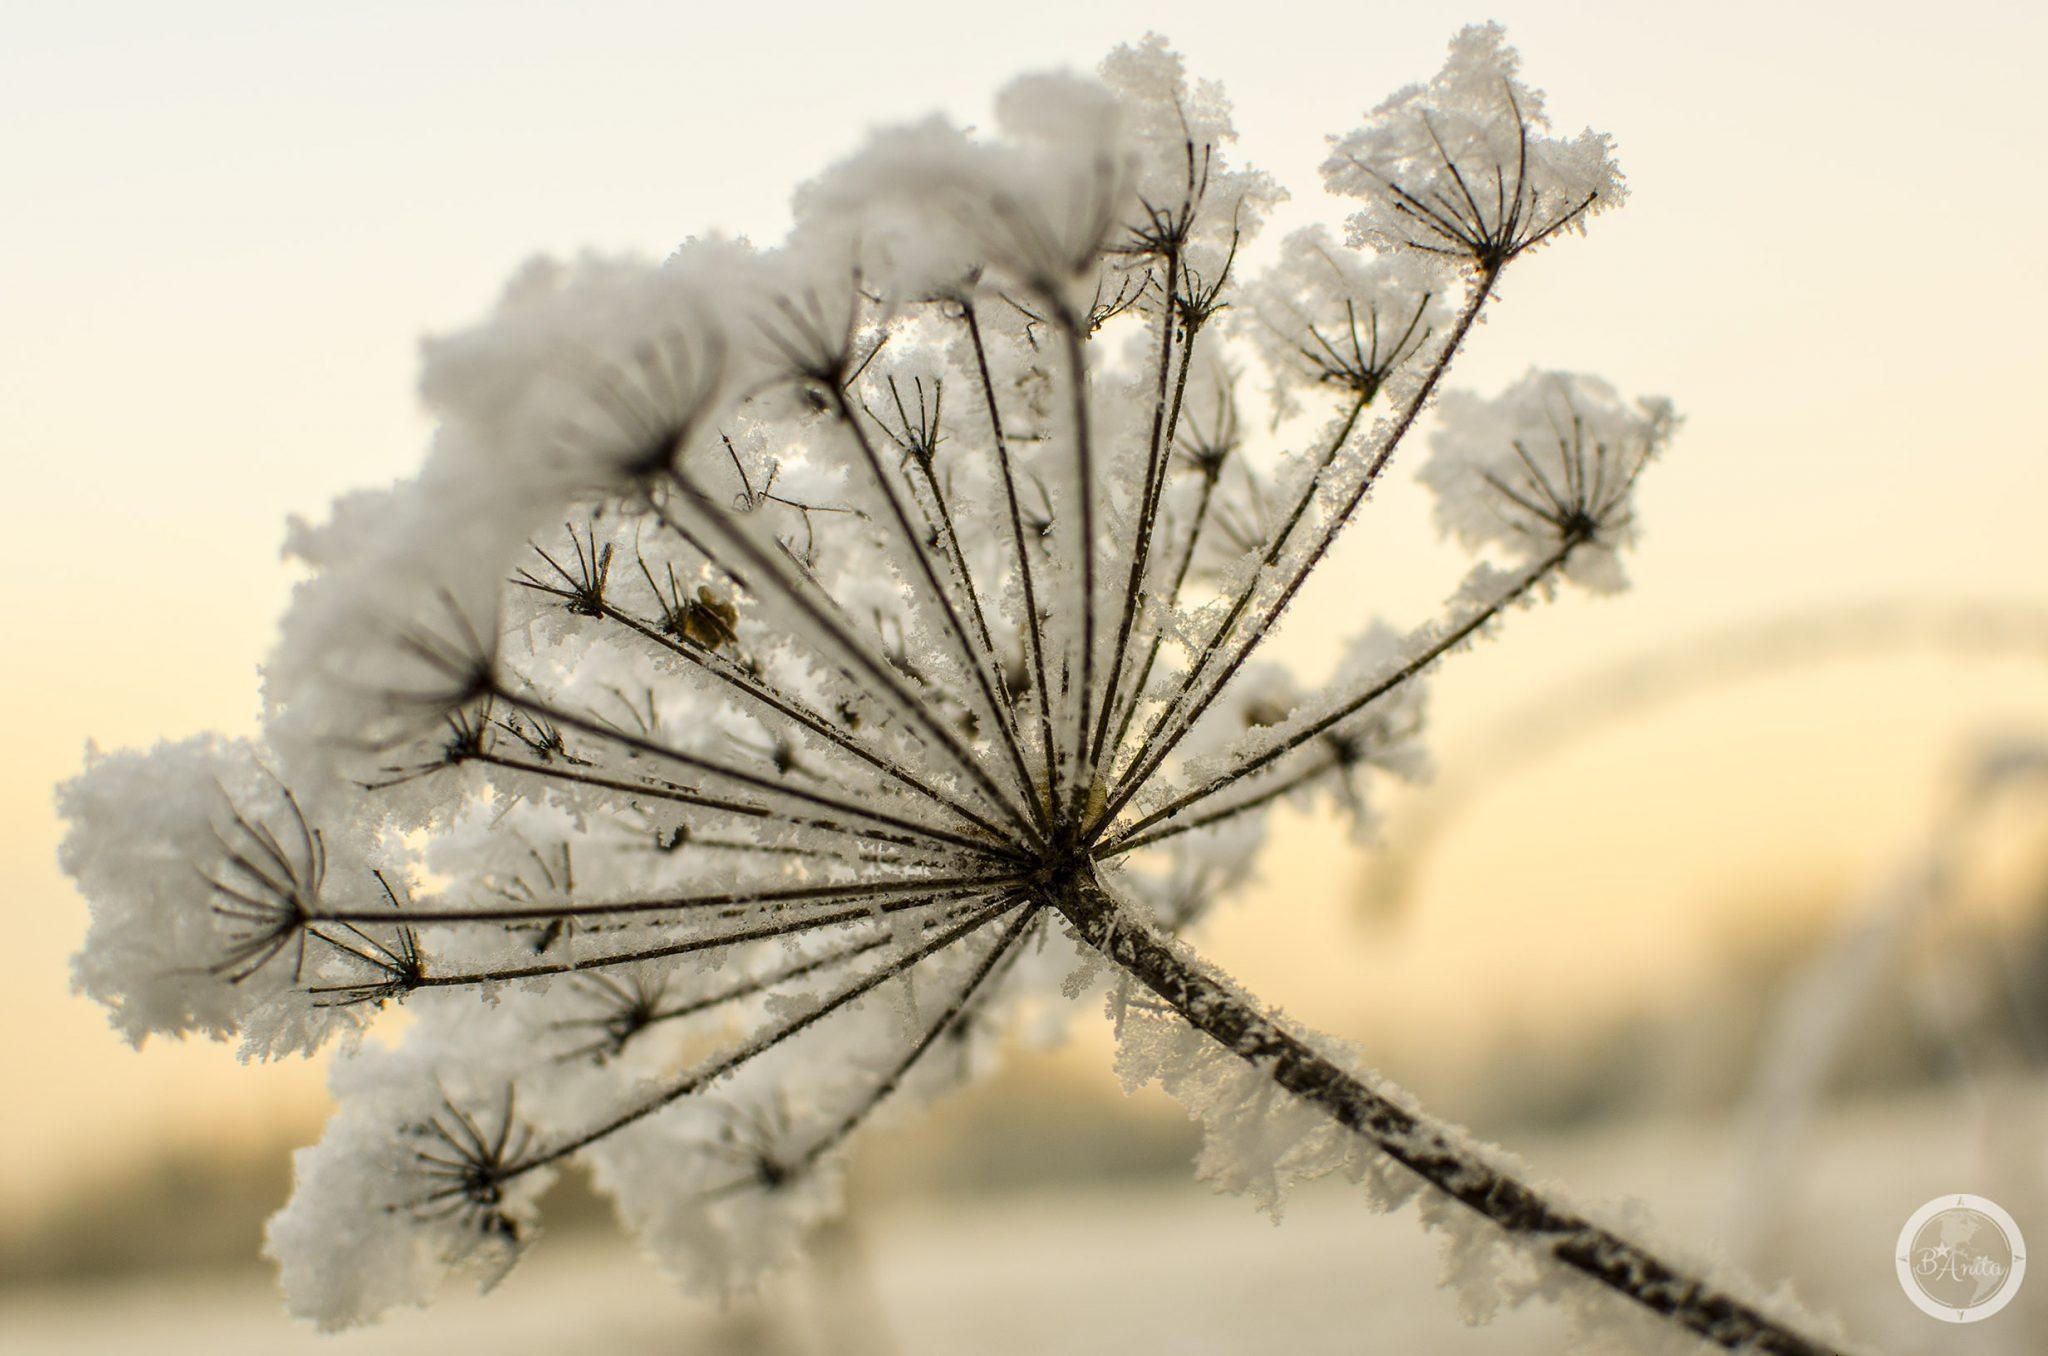 ośnieżony kwiat rośliny baldaszkowej